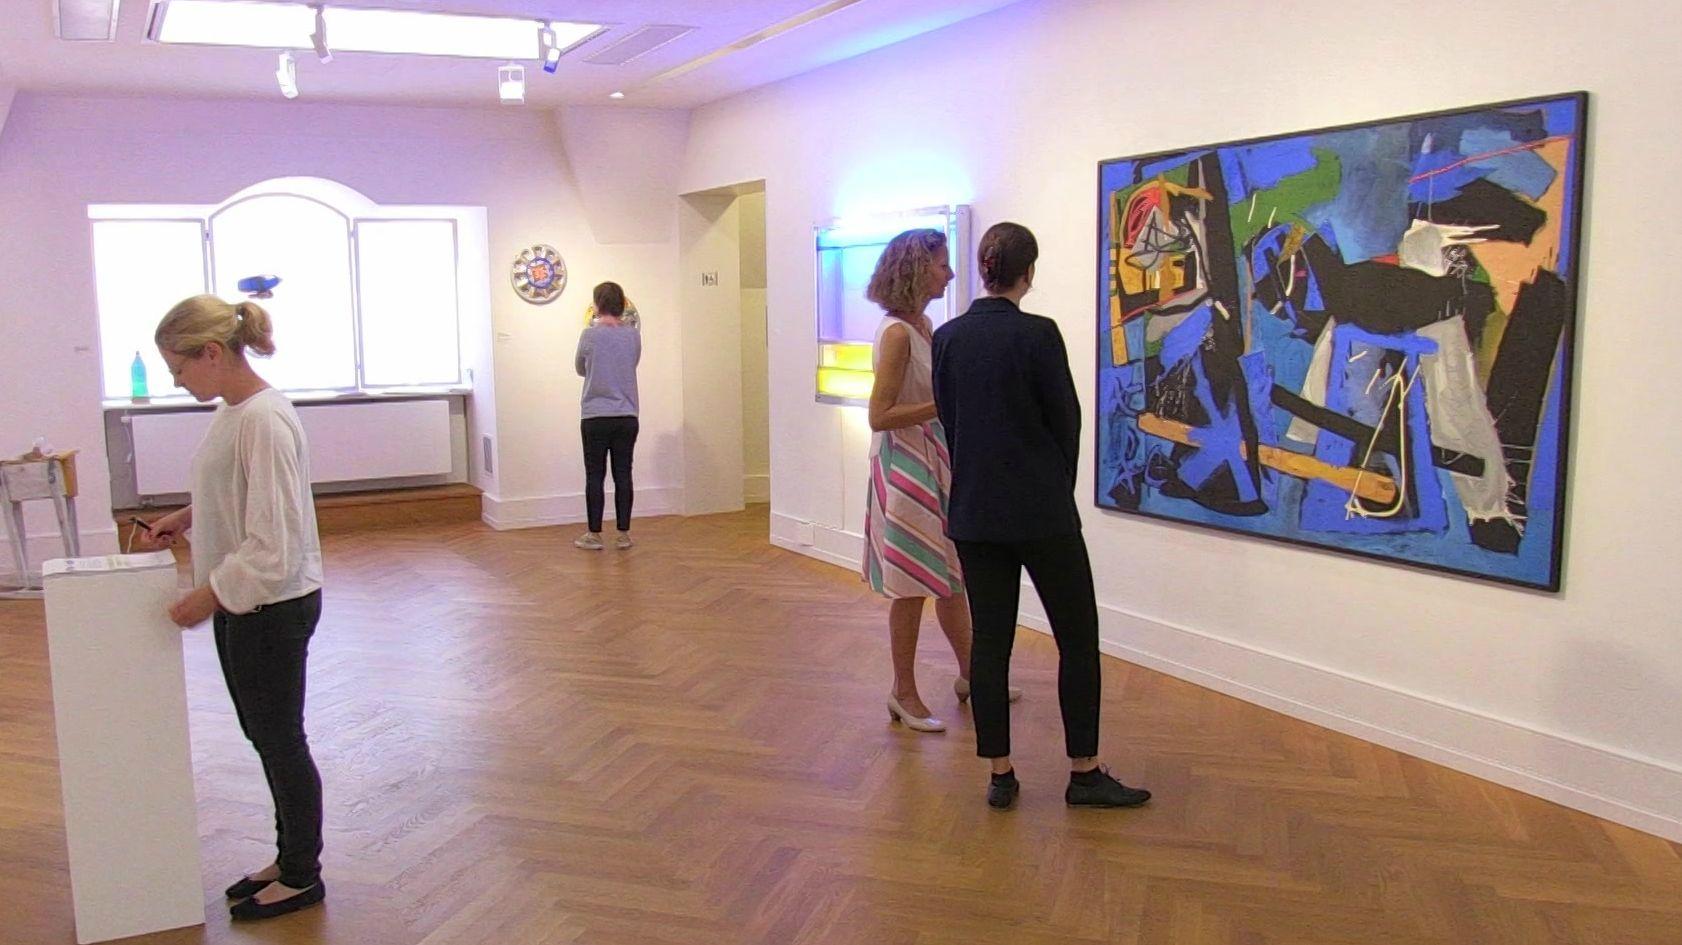 Ausstellungsraum in der Nürnberger Kunstvilla